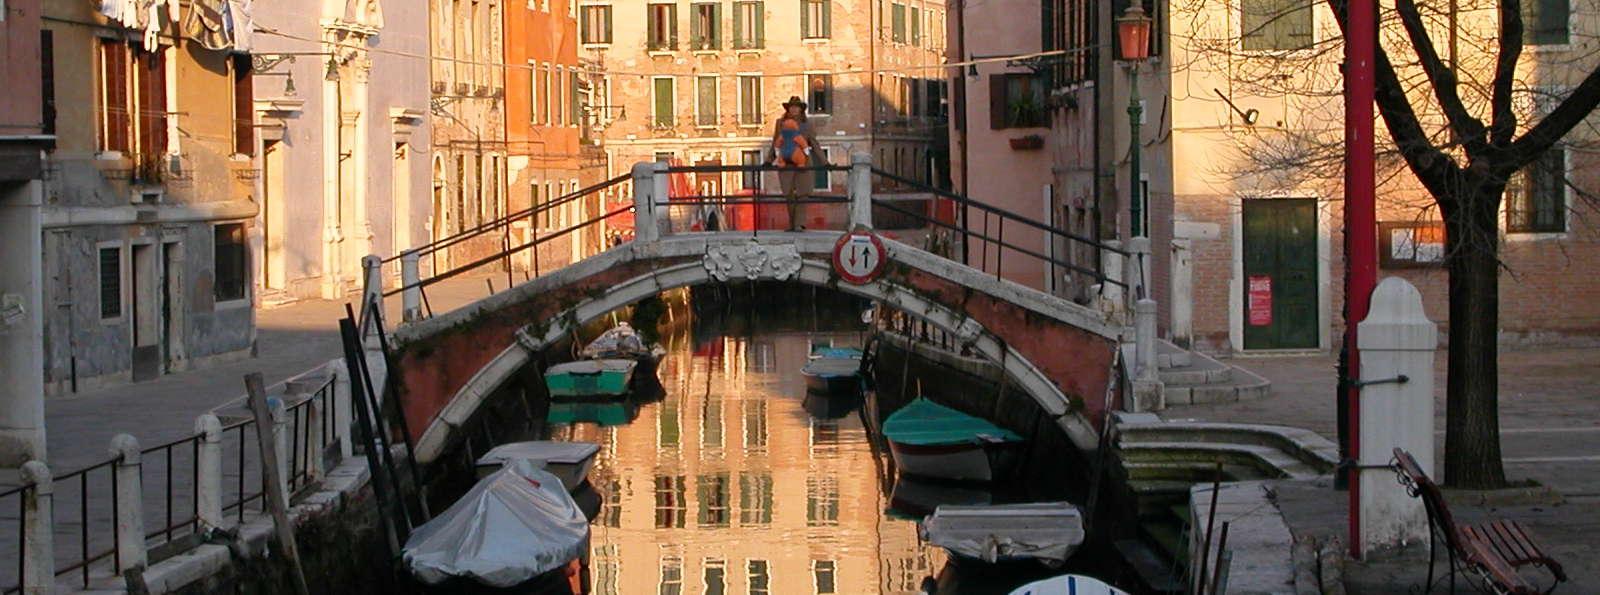 Hotel Ca' dei Conti - Venezia_-_Rio_delle_Terese.JPG